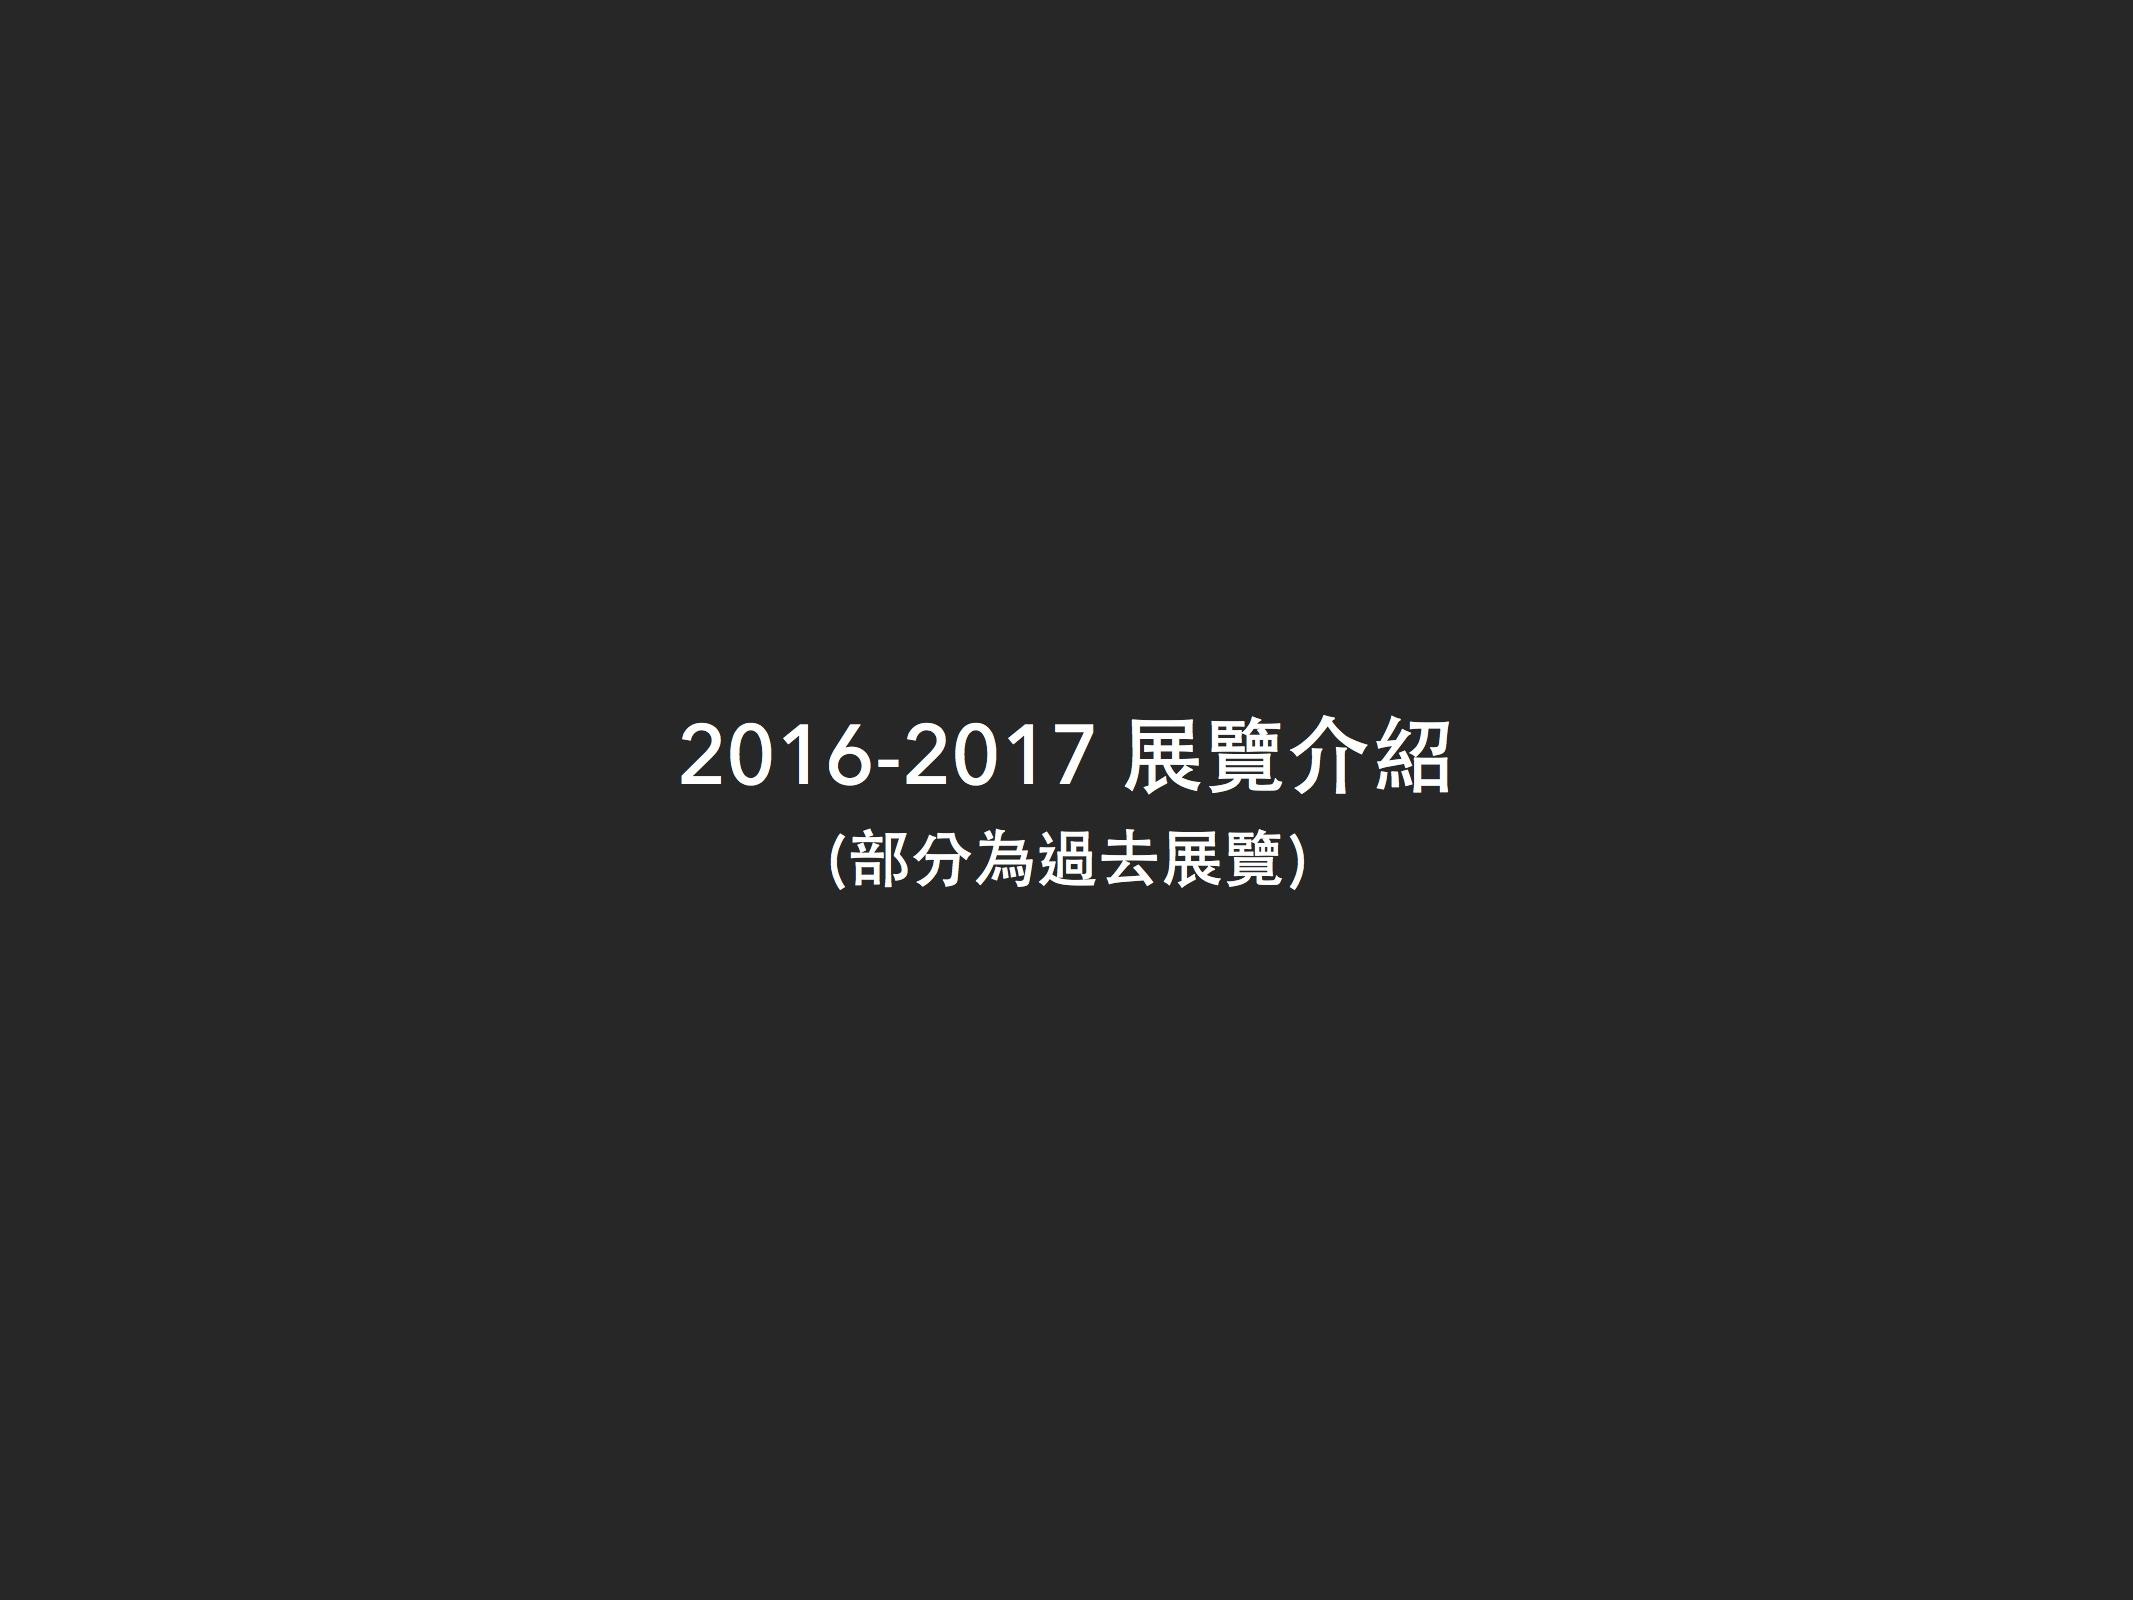 20171005 slide for Lightbox-14.jpg